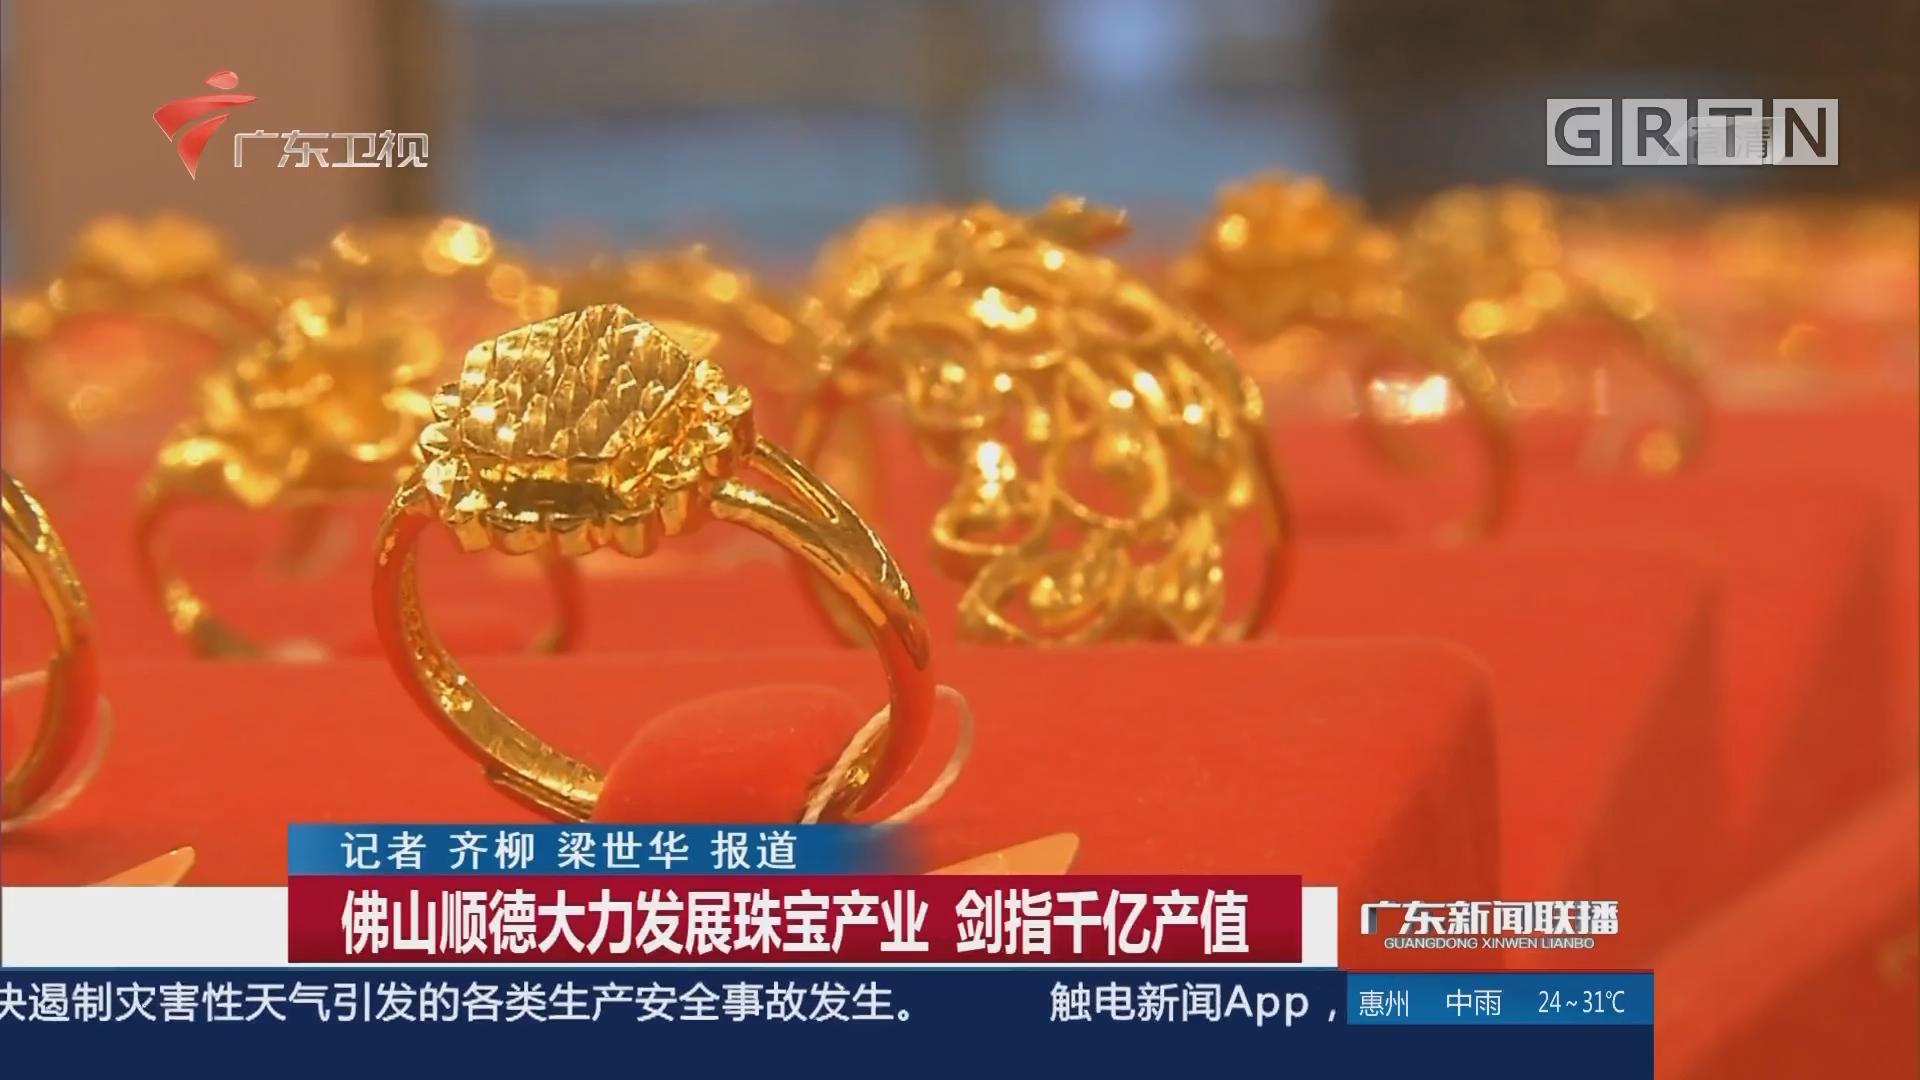 佛山顺德大力发展珠宝产业 剑指千亿产值